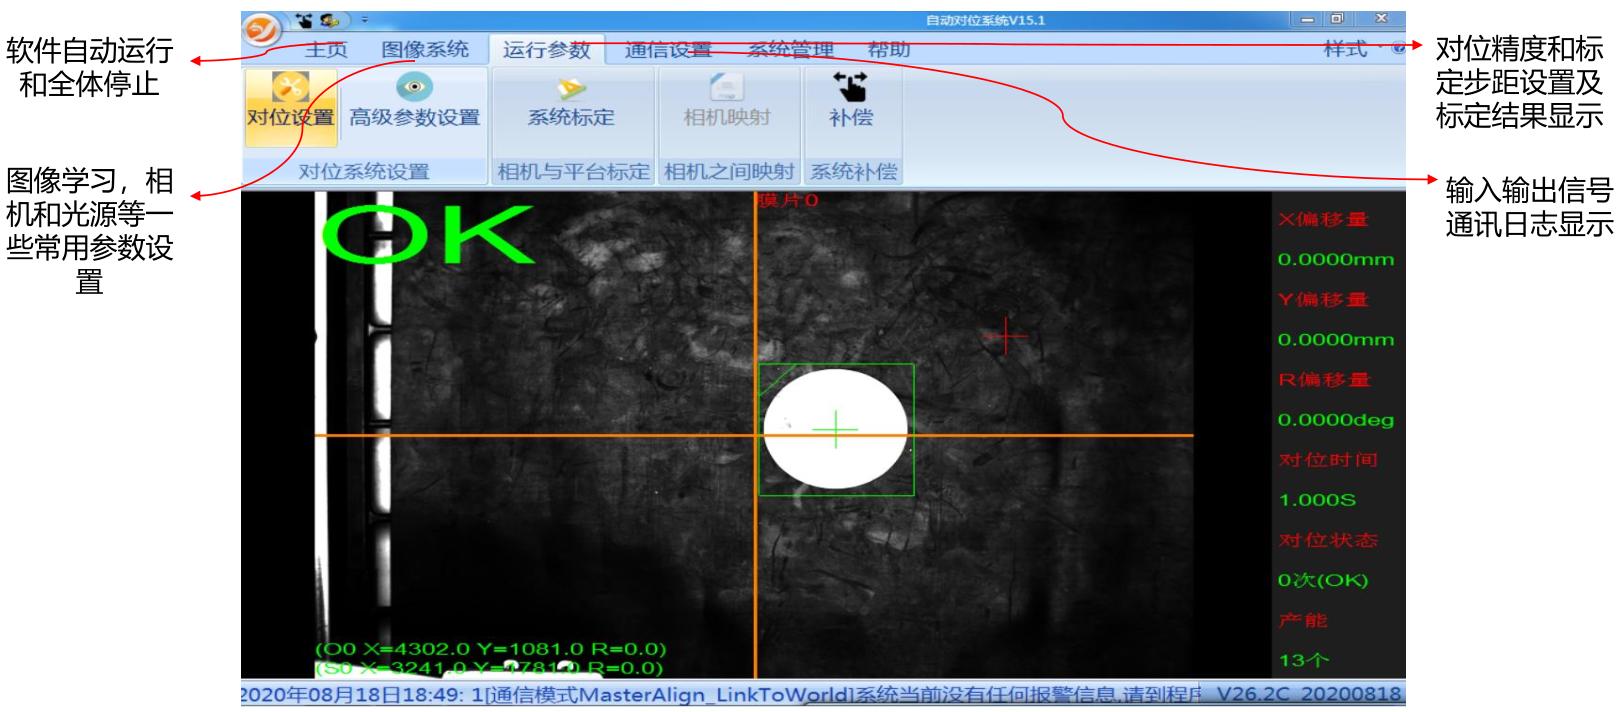 视觉定位系统(配合机械手多目标大视野带角度定位抓取案例)-机器视觉_视觉检测设备_3D视觉_缺陷检测